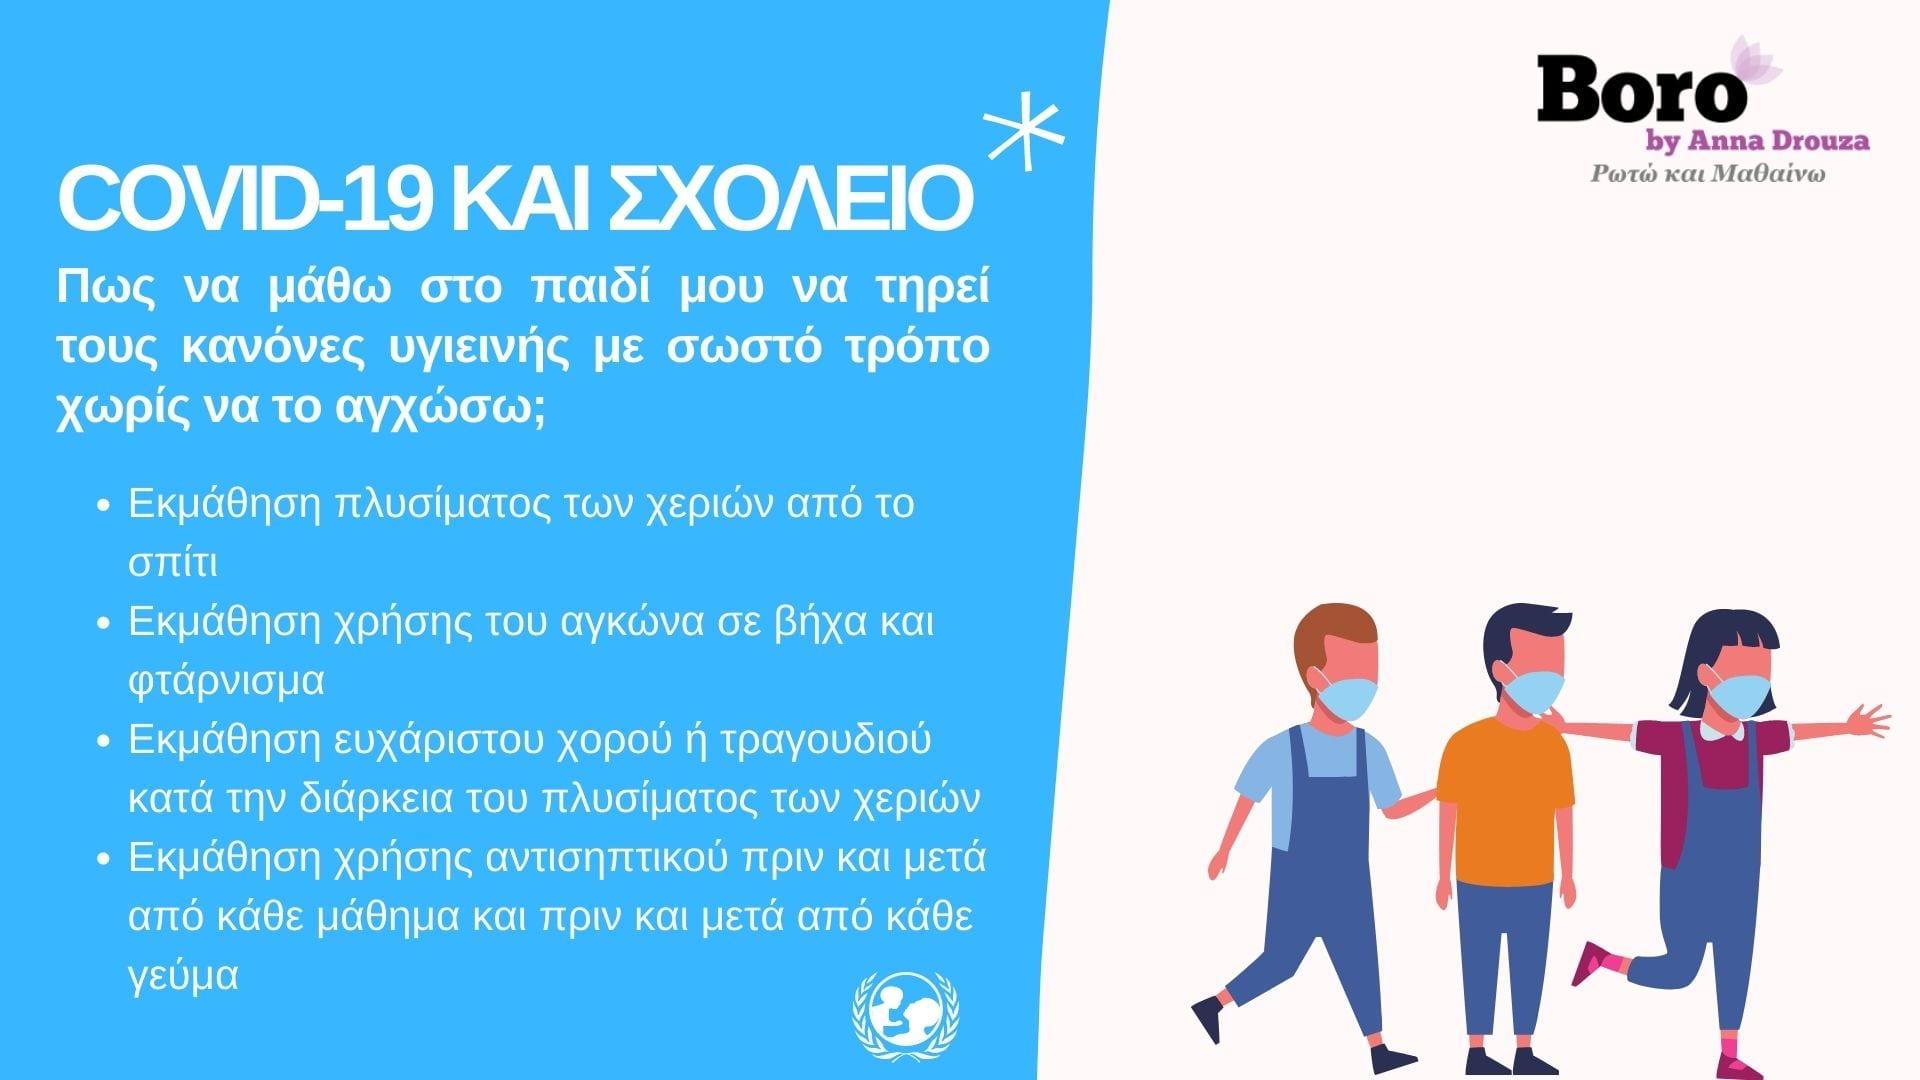 κορωνοϊος-και-σχολείο-κανόνες-υγιεινής